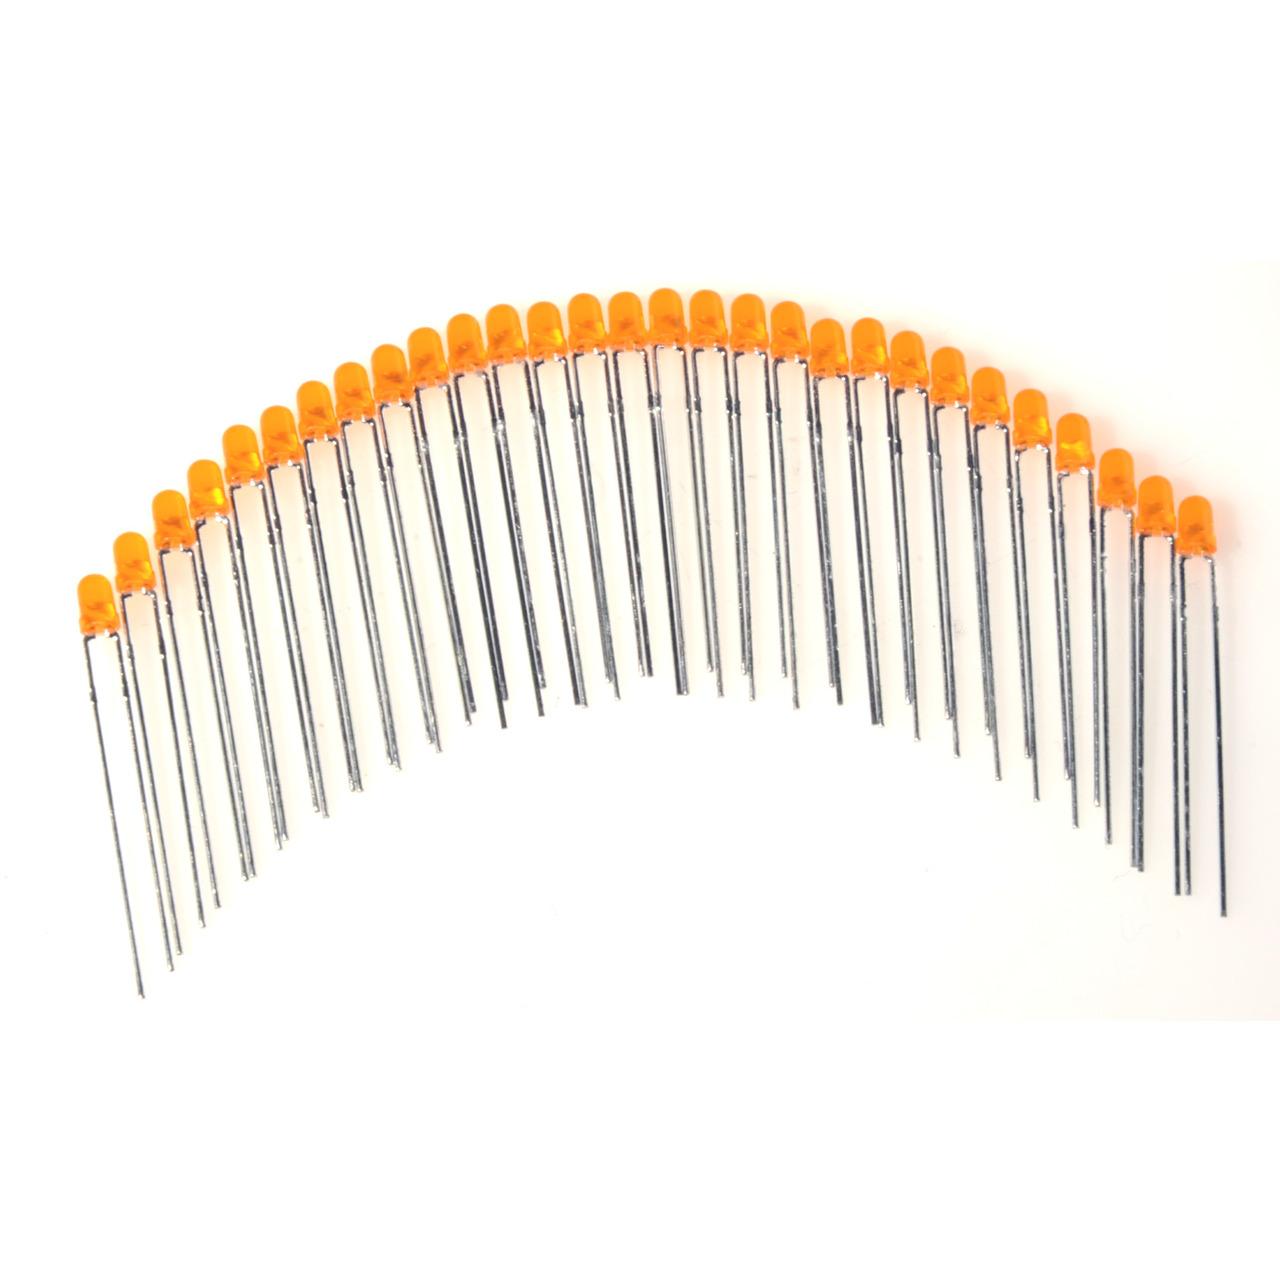 ELV LED-Set mit 29 LEDs- orange- 3 mm